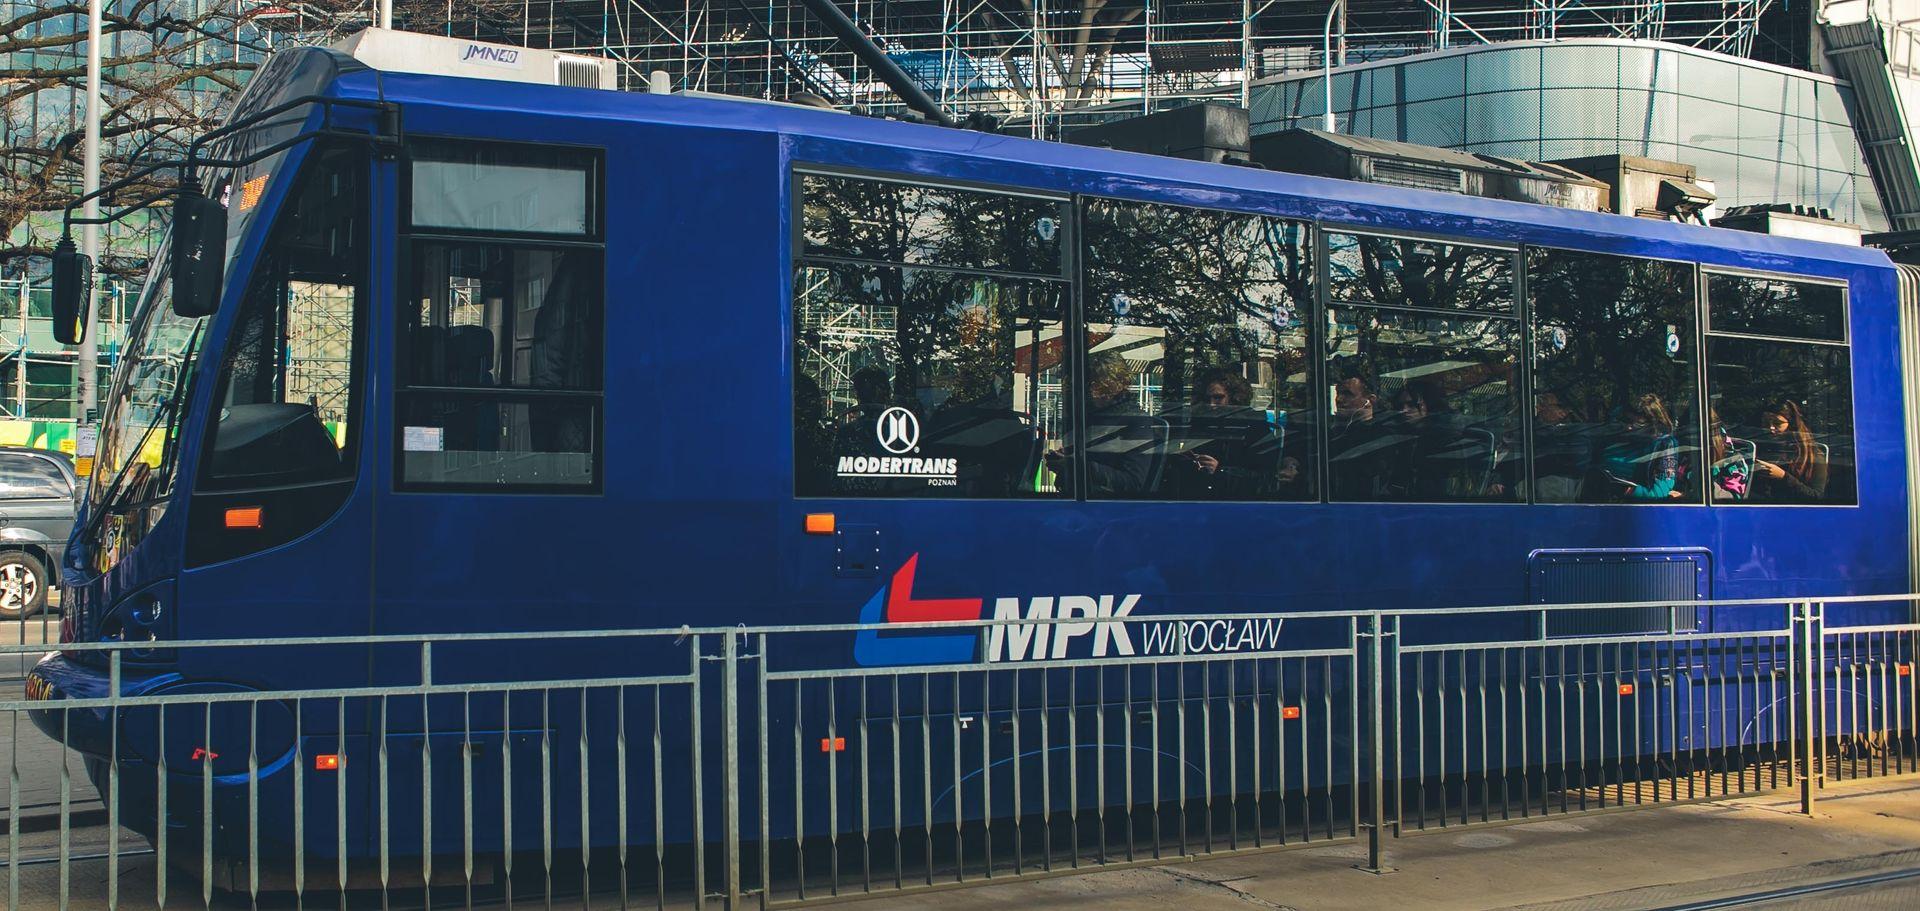 [Wrocław] Ruszają konsultacje w sprawie tramwaju na Nowy Dwór. Gdzie powstaną przystanki?